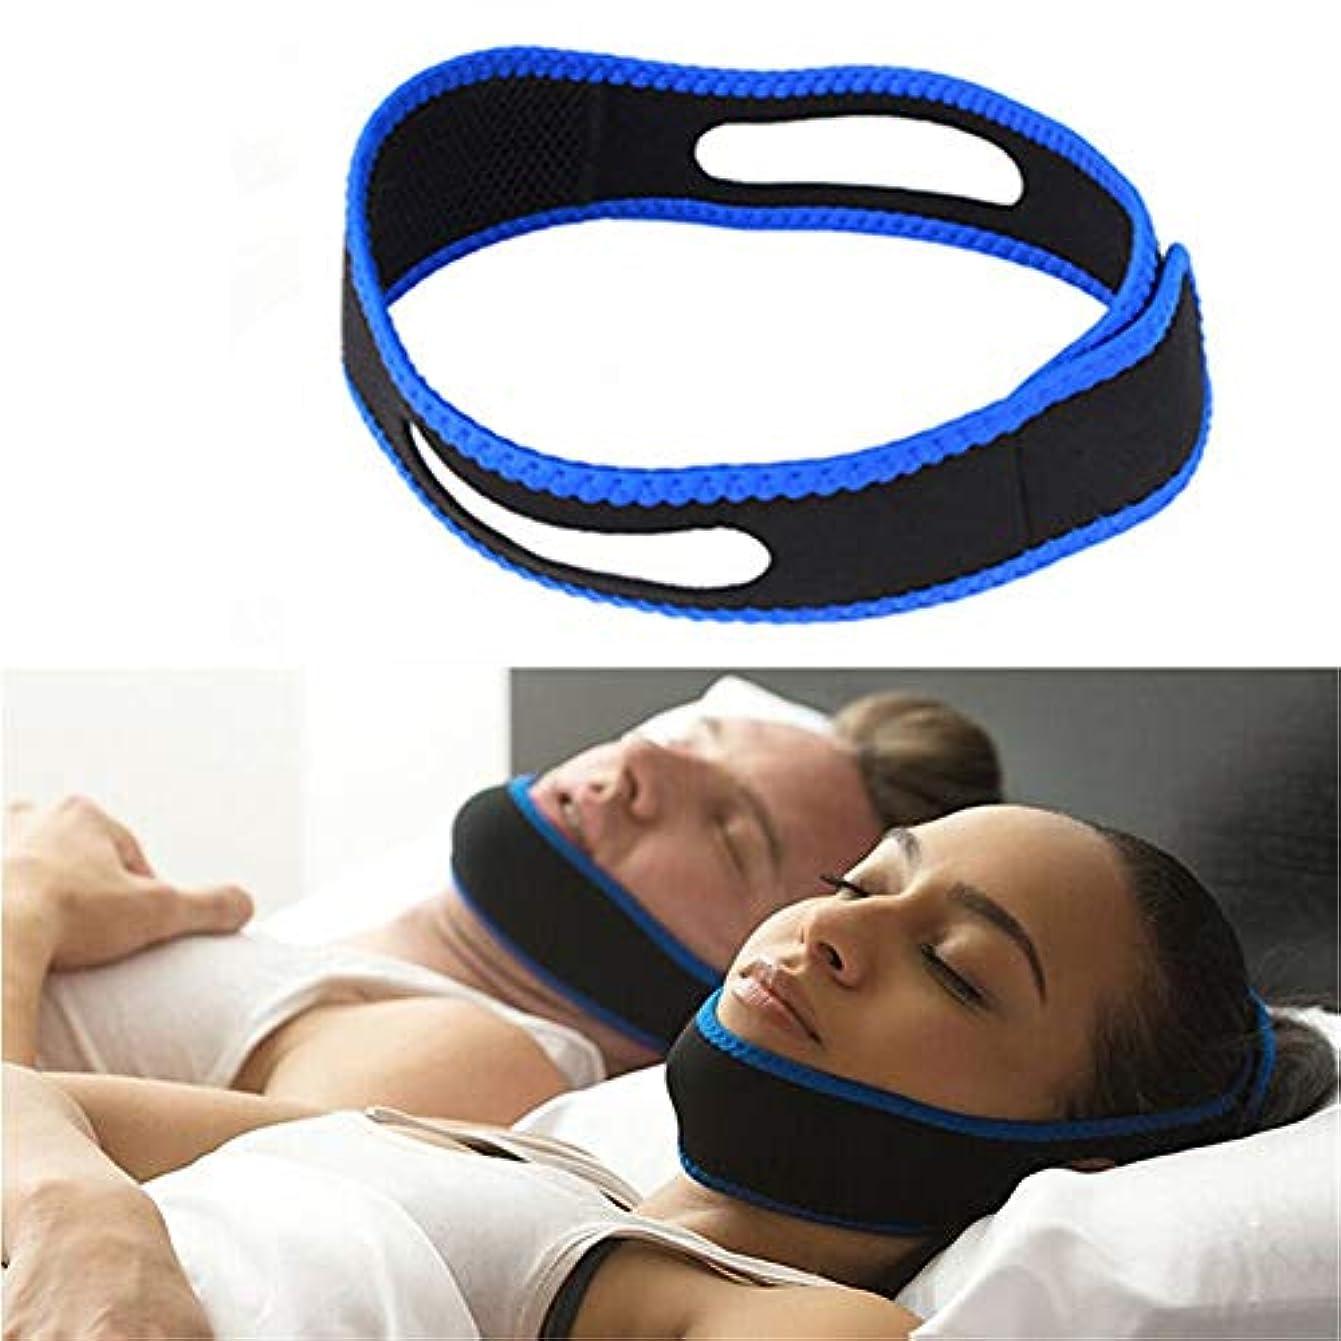 マトリックス満足前書きAngzhili いびき軽減グッズ いびき防止装置 いびき対策グッズ 睡眠補助 快眠サポーター 肌に優しい サイズ調整可能 男女兼用